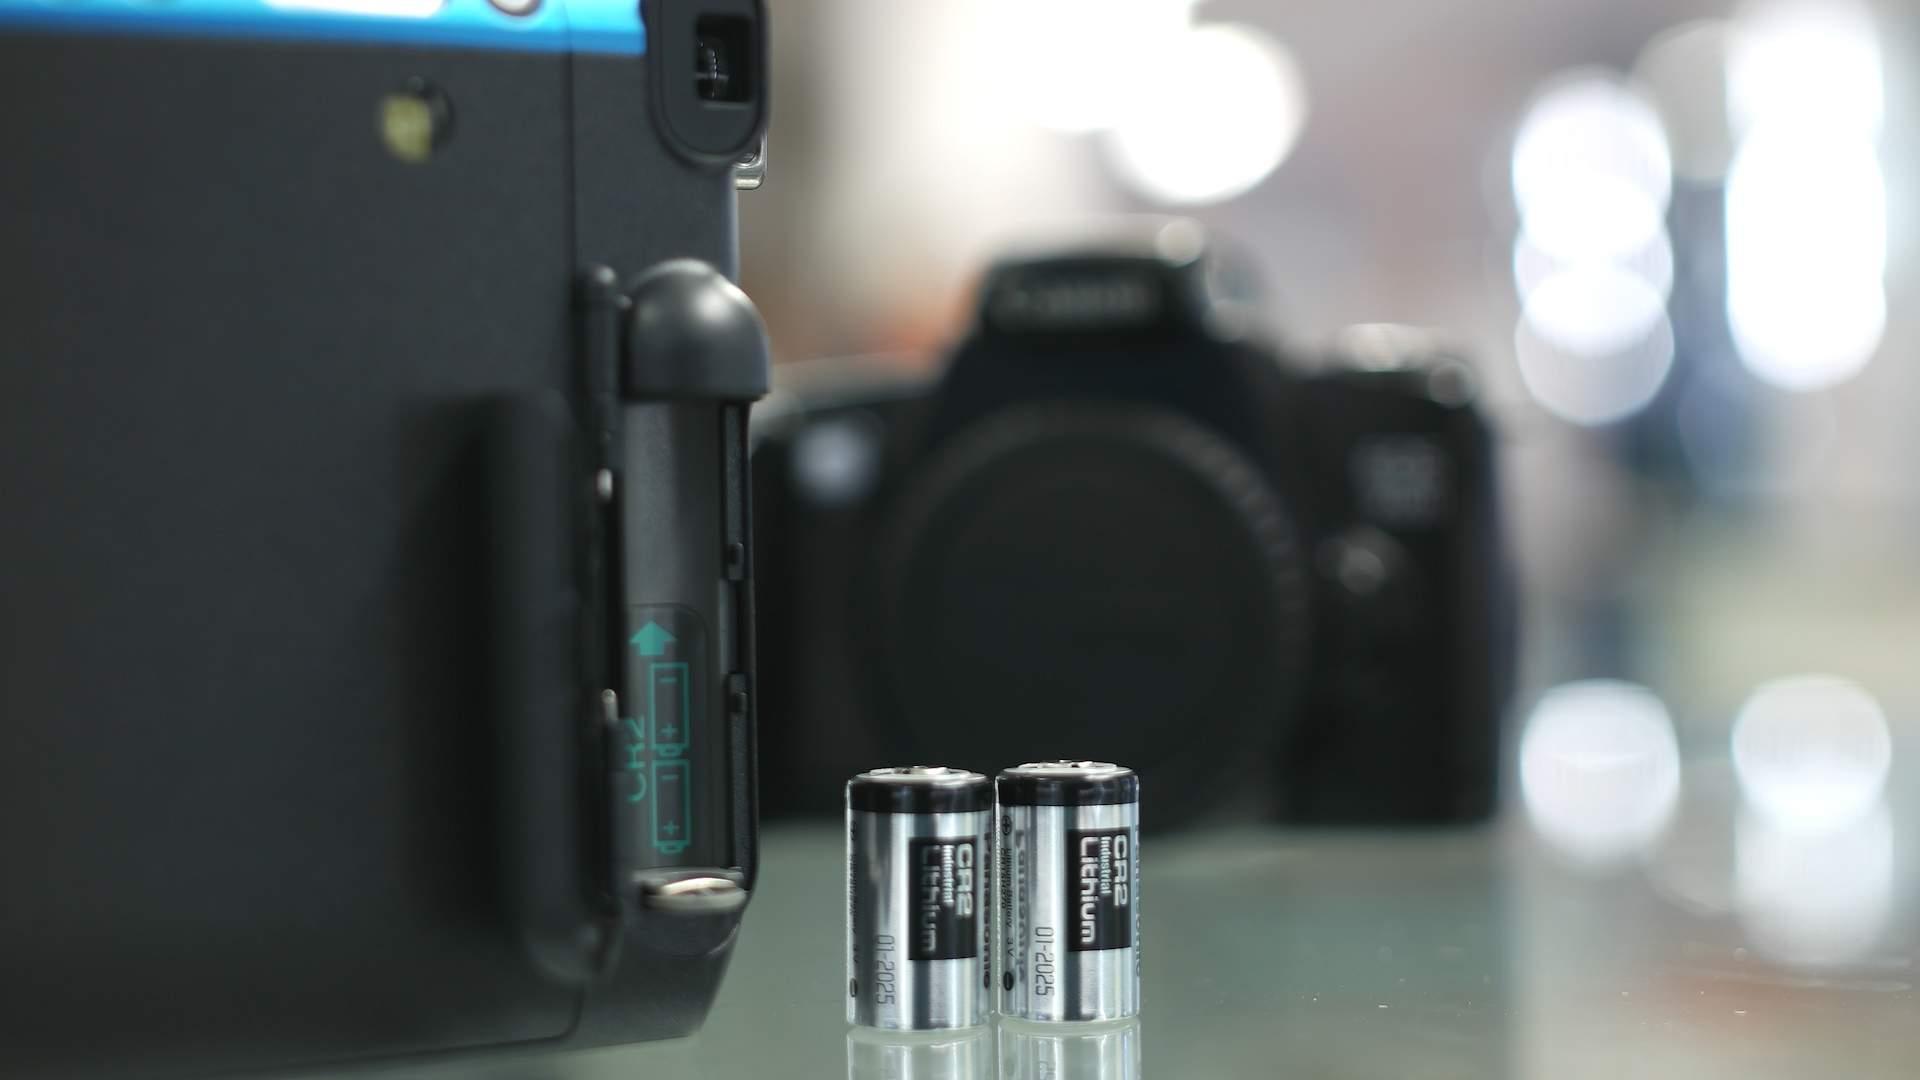 Dettaglio vano batterie FujiFilm Instax Mini 70